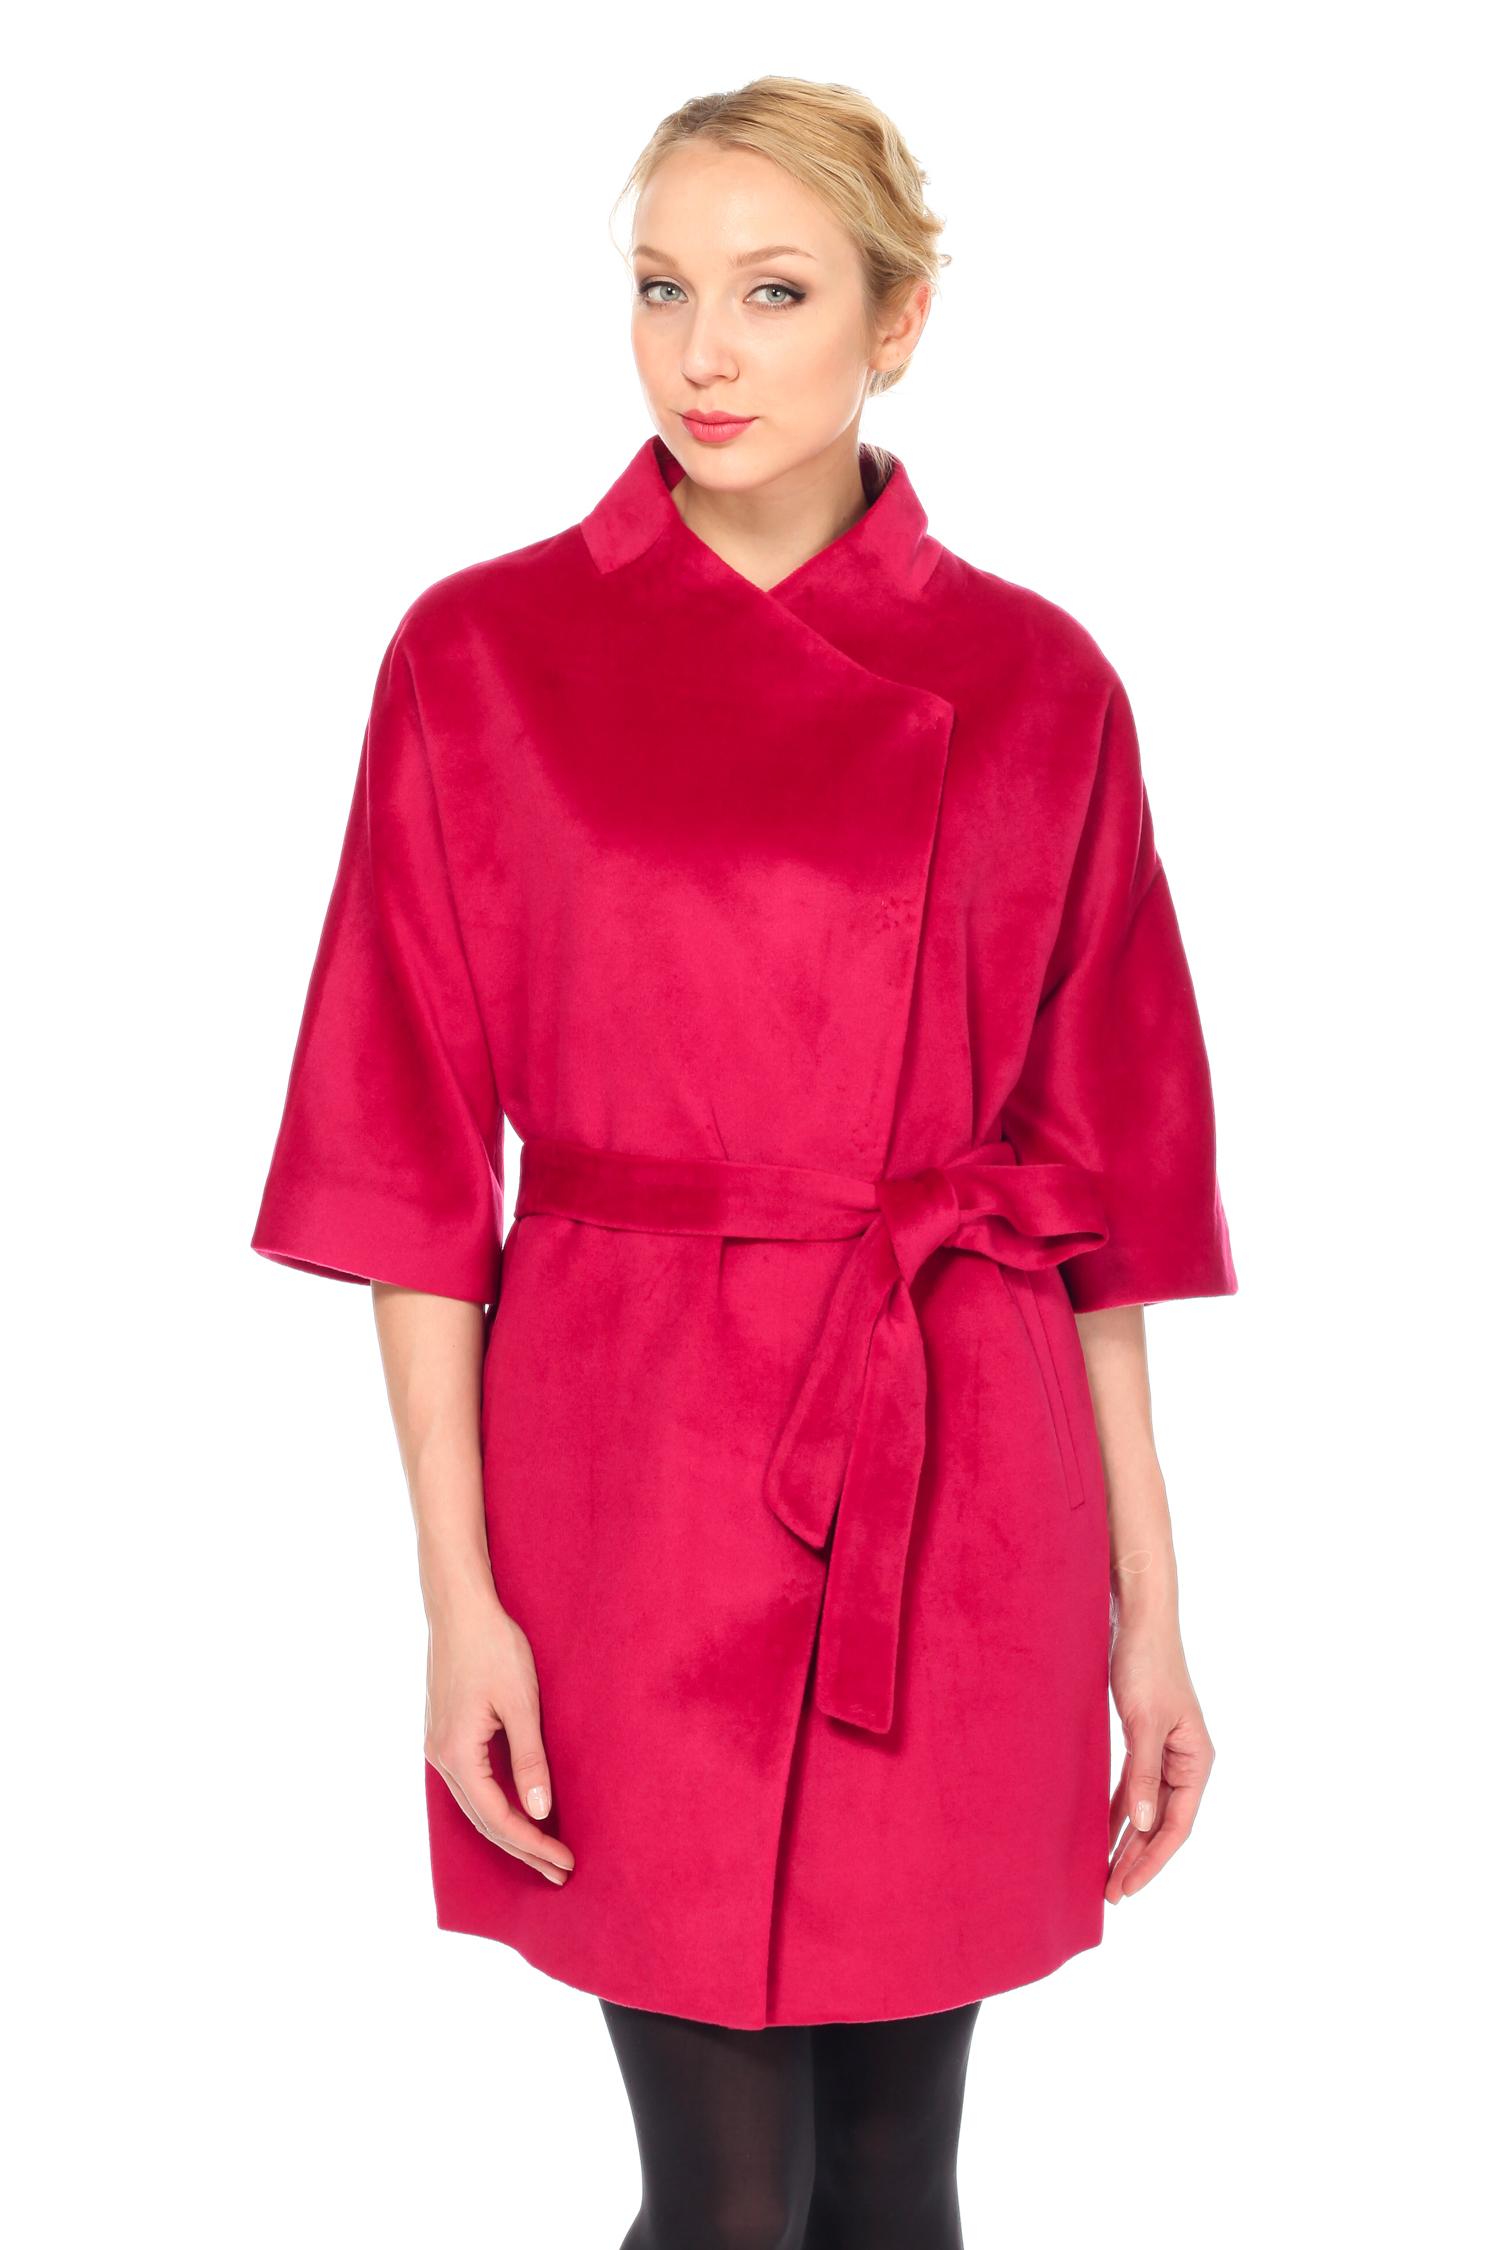 Женское пальто с воротником, без отделки<br><br>Воротник: стойка<br>Длина см: Длинная (свыше 90)<br>Материал: Комбинированный состав<br>Цвет: розовый<br>Вид застежки: косая<br>Застежка: на кнопки<br>Пол: Женский<br>Размер RU: 56